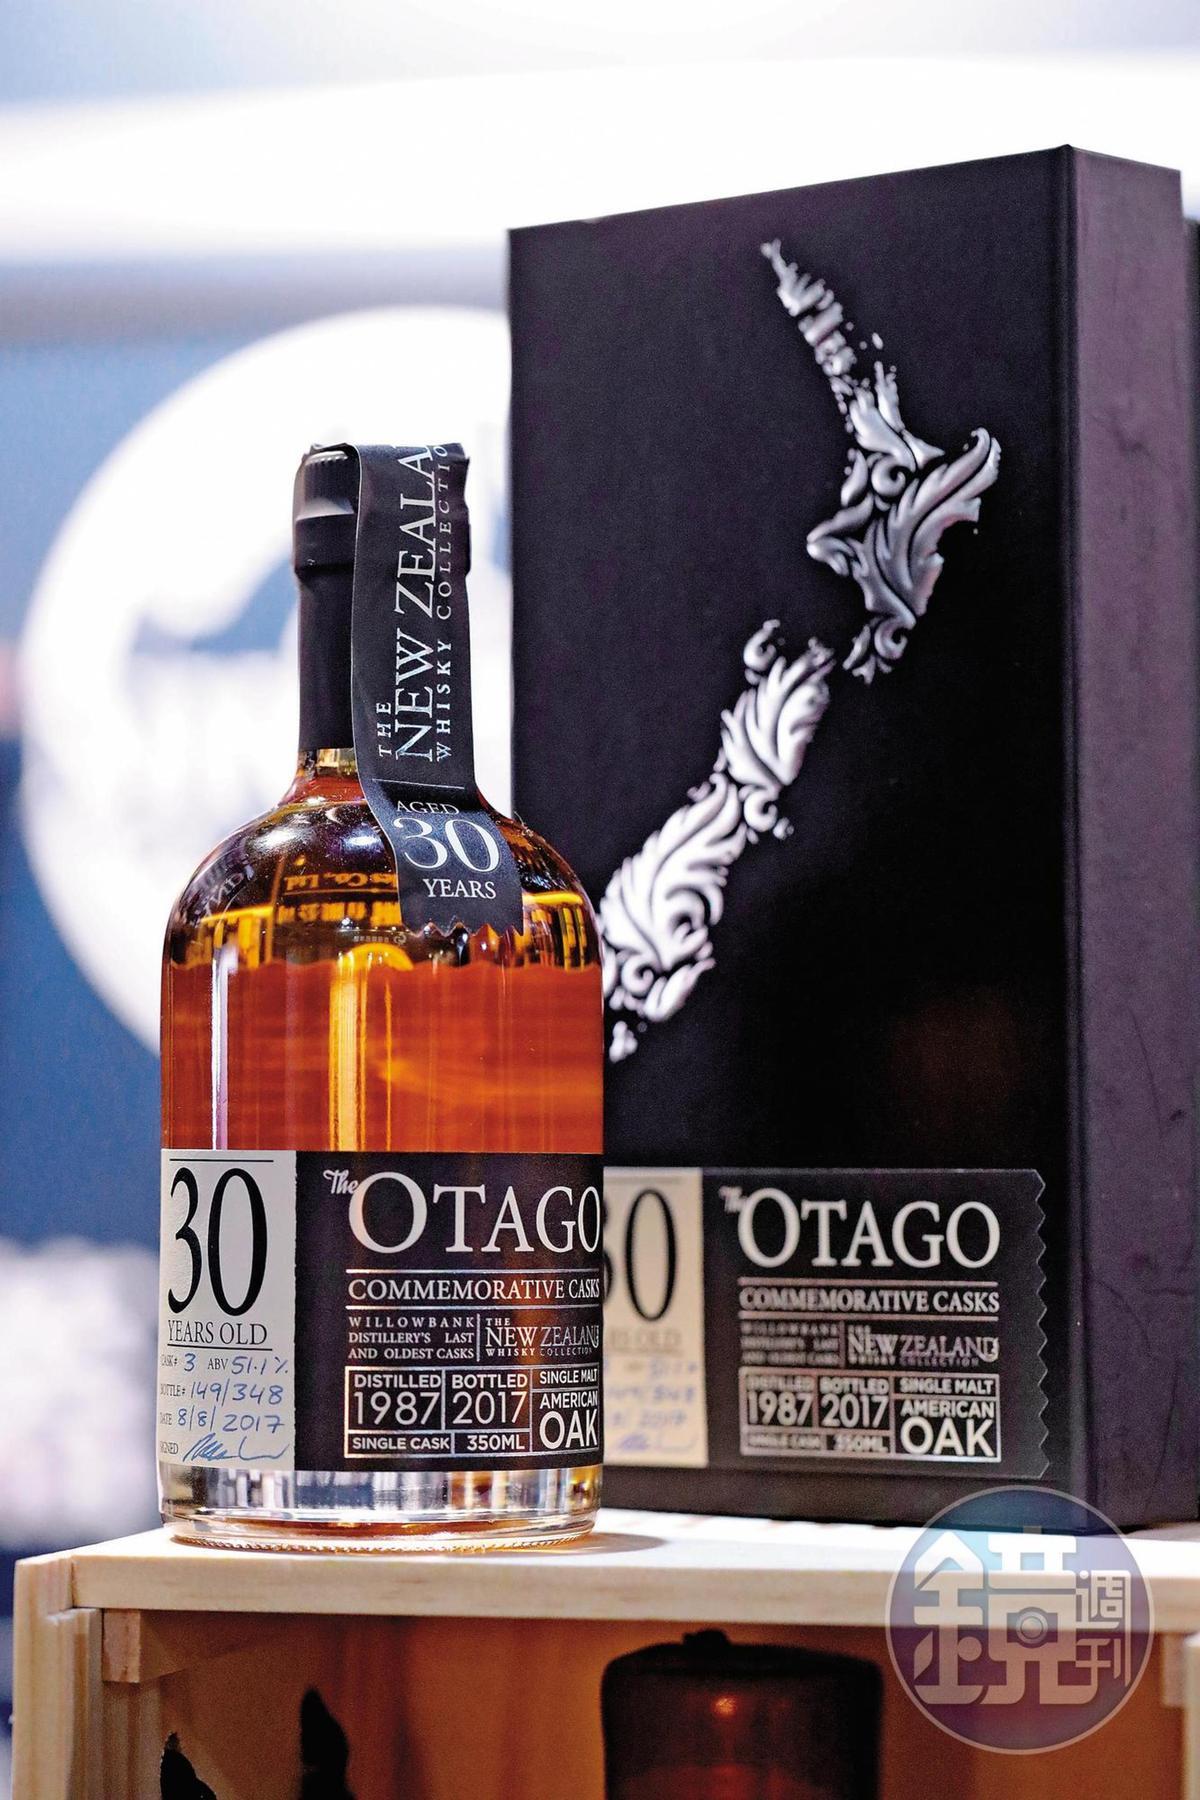 英蓋爾代理的紐西蘭威士忌,這款The Otago 三十年是美國橡木桶陳年。